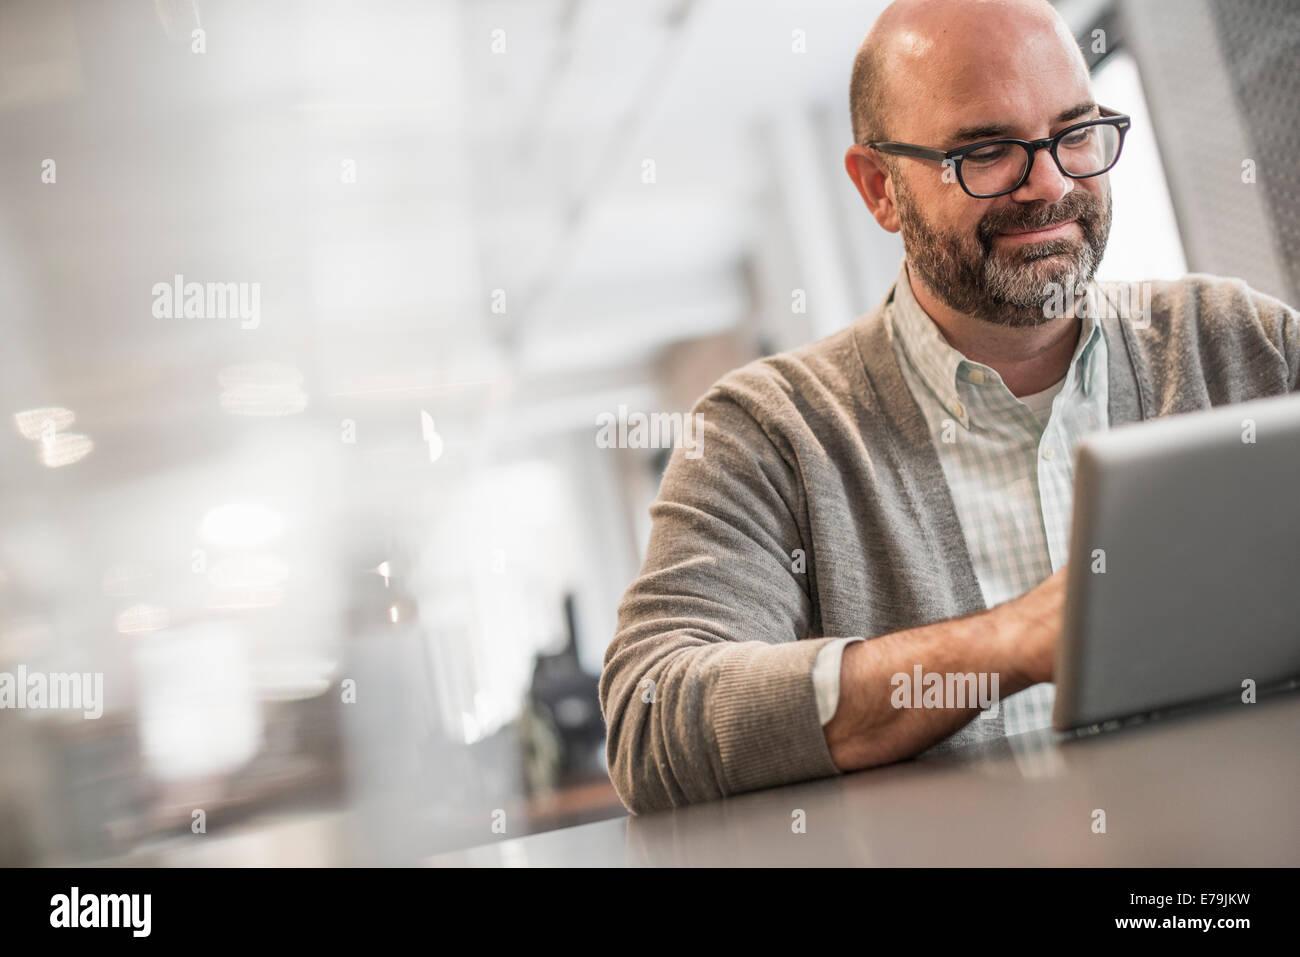 Vida de oficina. Un hombre sentado en una mesa, trabajando en un portátil. Imagen De Stock